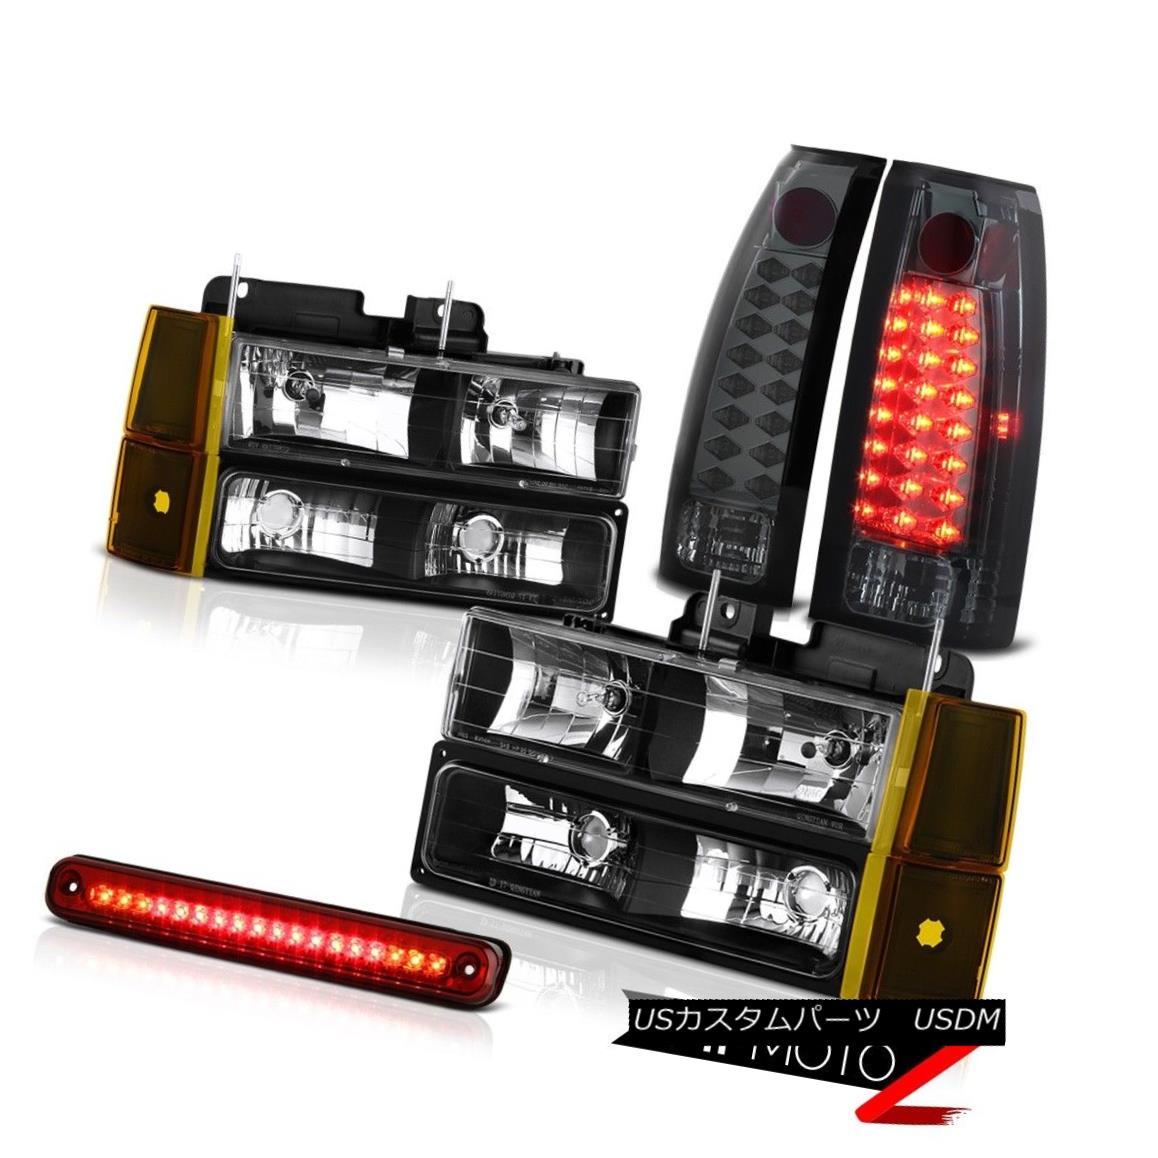 テールライト 1994-1998 GMC C3500 Inky Black Headlamps Bumper Red Roof Cargo Light Taillamps 1994-1998 GMC C3500 Inky Blackヘッドランプバンパーレッドルーフカーゴライトライトランプ